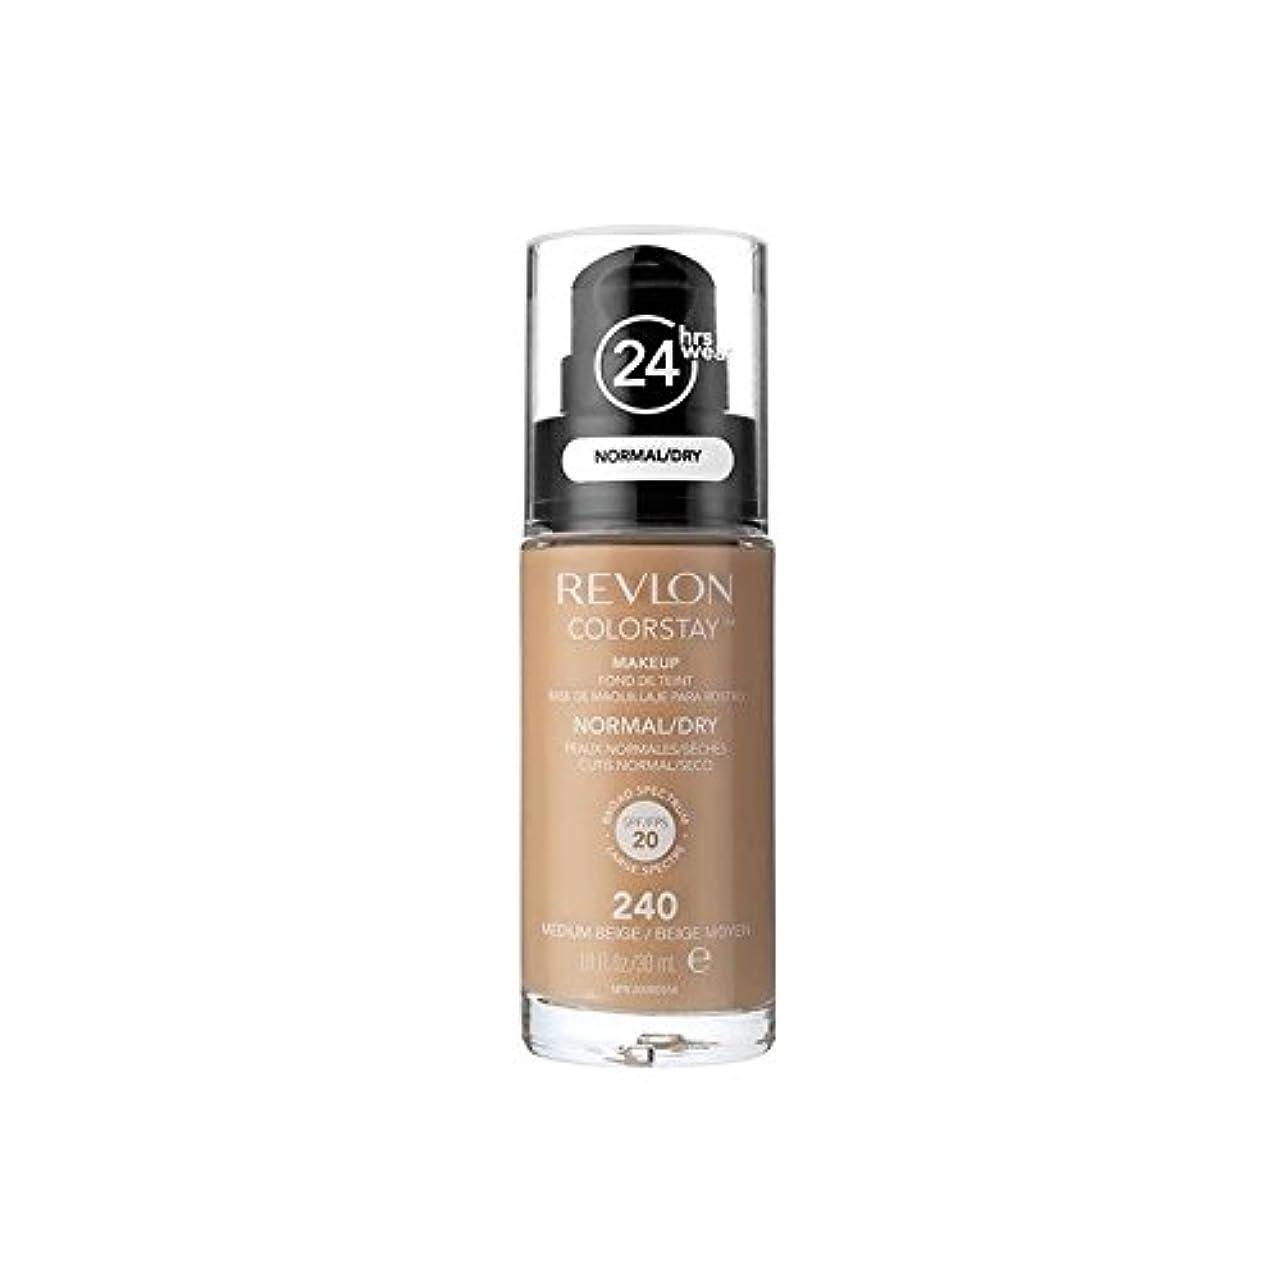 速報シェード上記の頭と肩レブロンの基礎通常の乾燥肌メディアベージュ x4 - Revlon Colorstay Foundation Normal Dry Skin Medium Beige (Pack of 4) [並行輸入品]